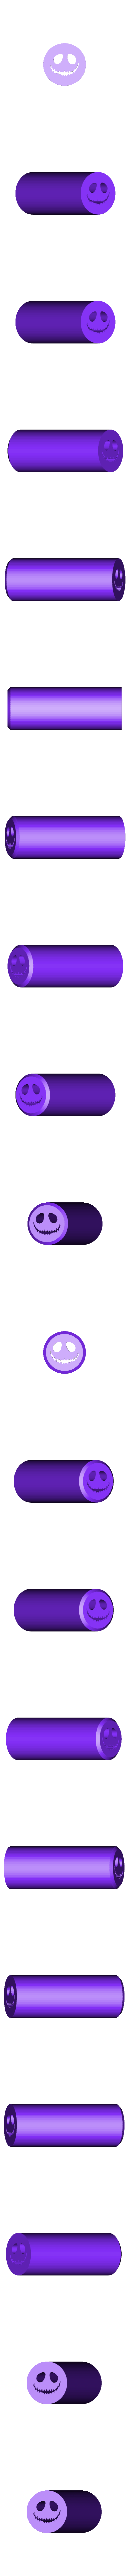 Filtro Halloweenface2 v2.stl Download STL file FILTER TIPS - 89 FILTERS- ALL PACKS - WEED FILTER • 3D printer model, Weed420House